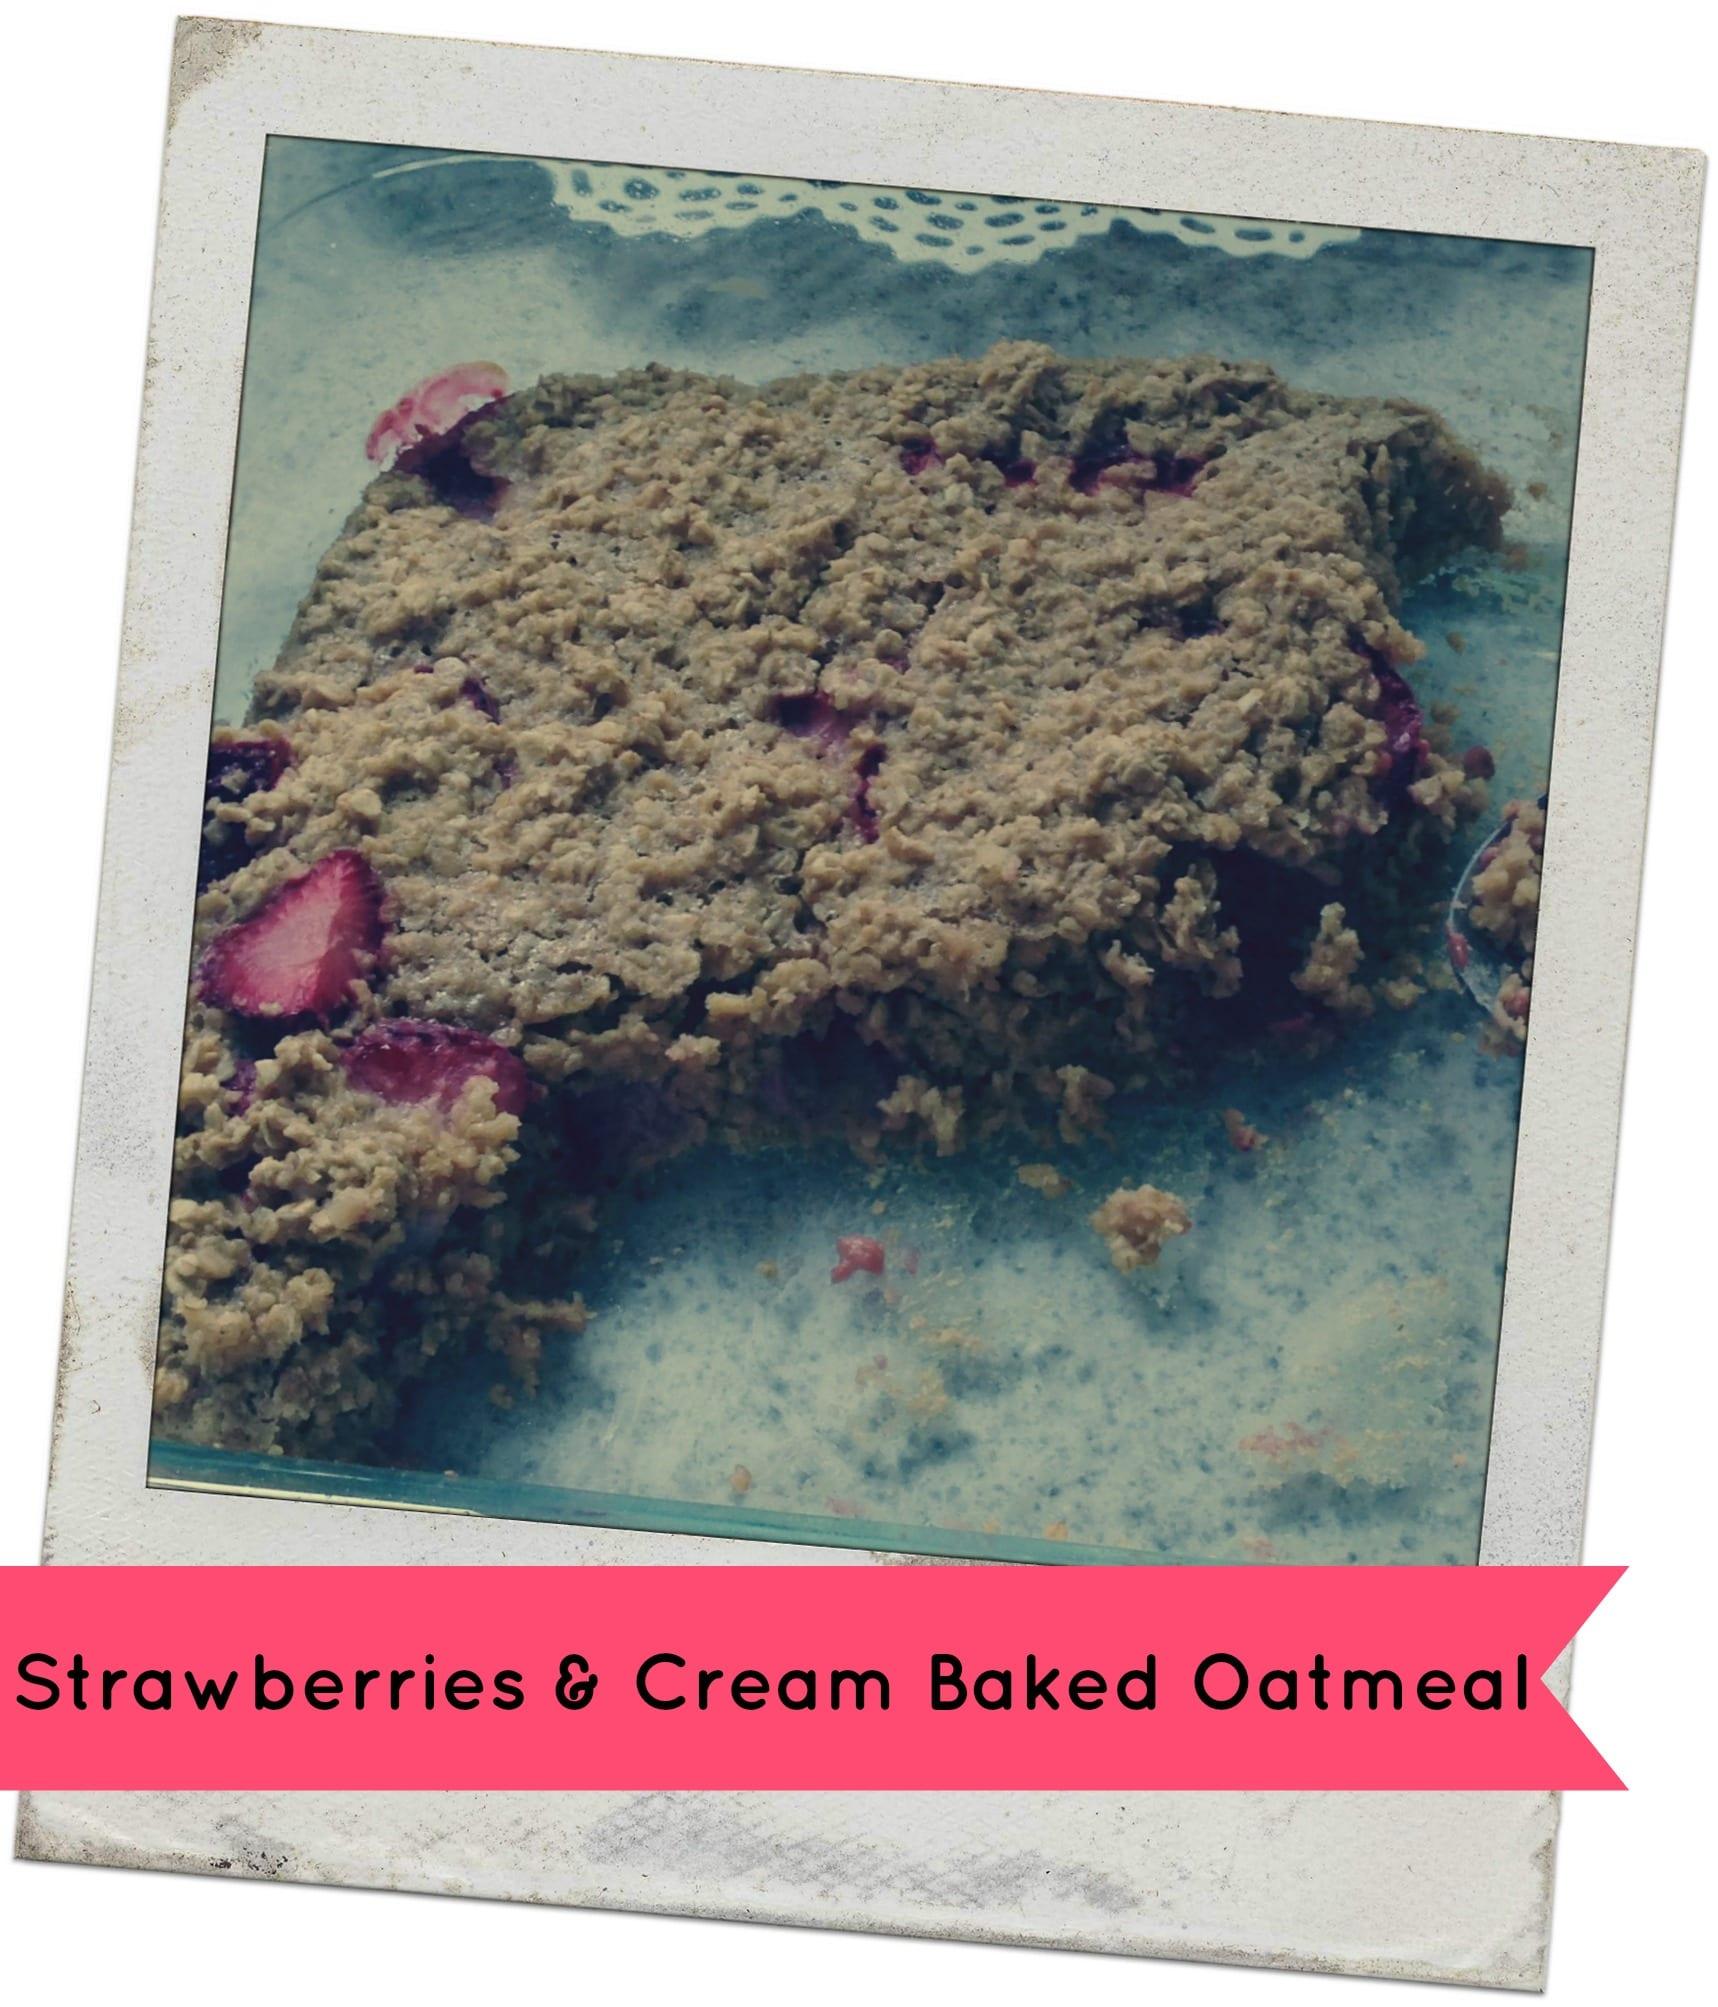 strawberries-cream-oatmeal